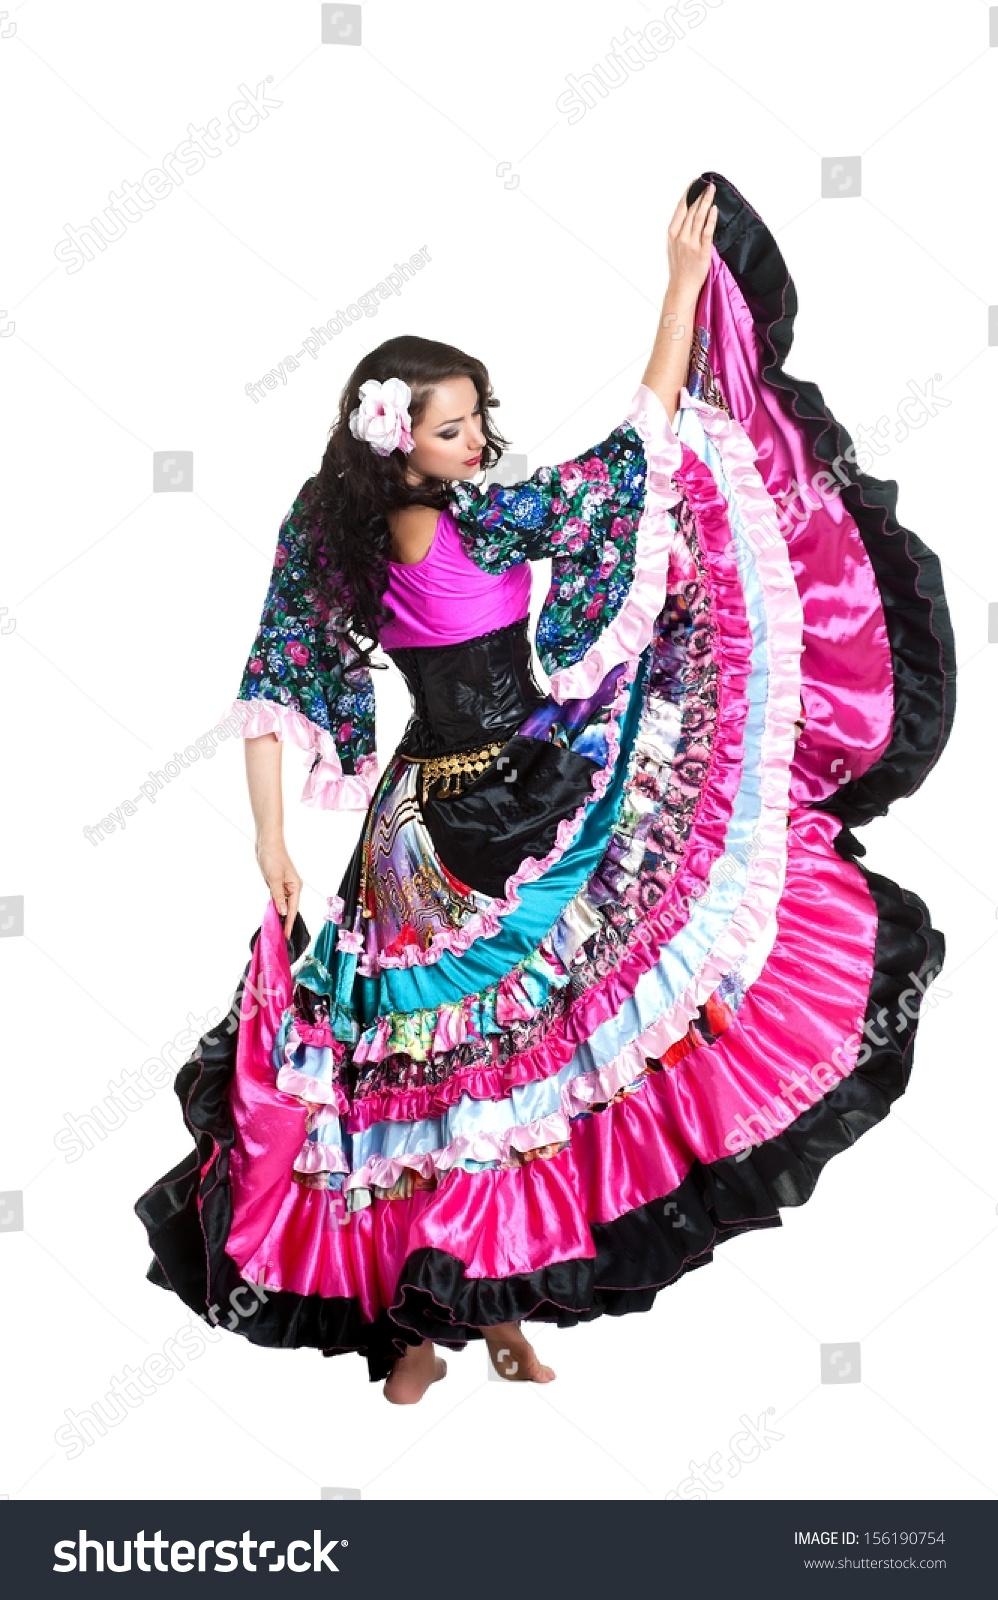 Young Beautiful Woman Dancing Gypsy Dance Stock Photo ...